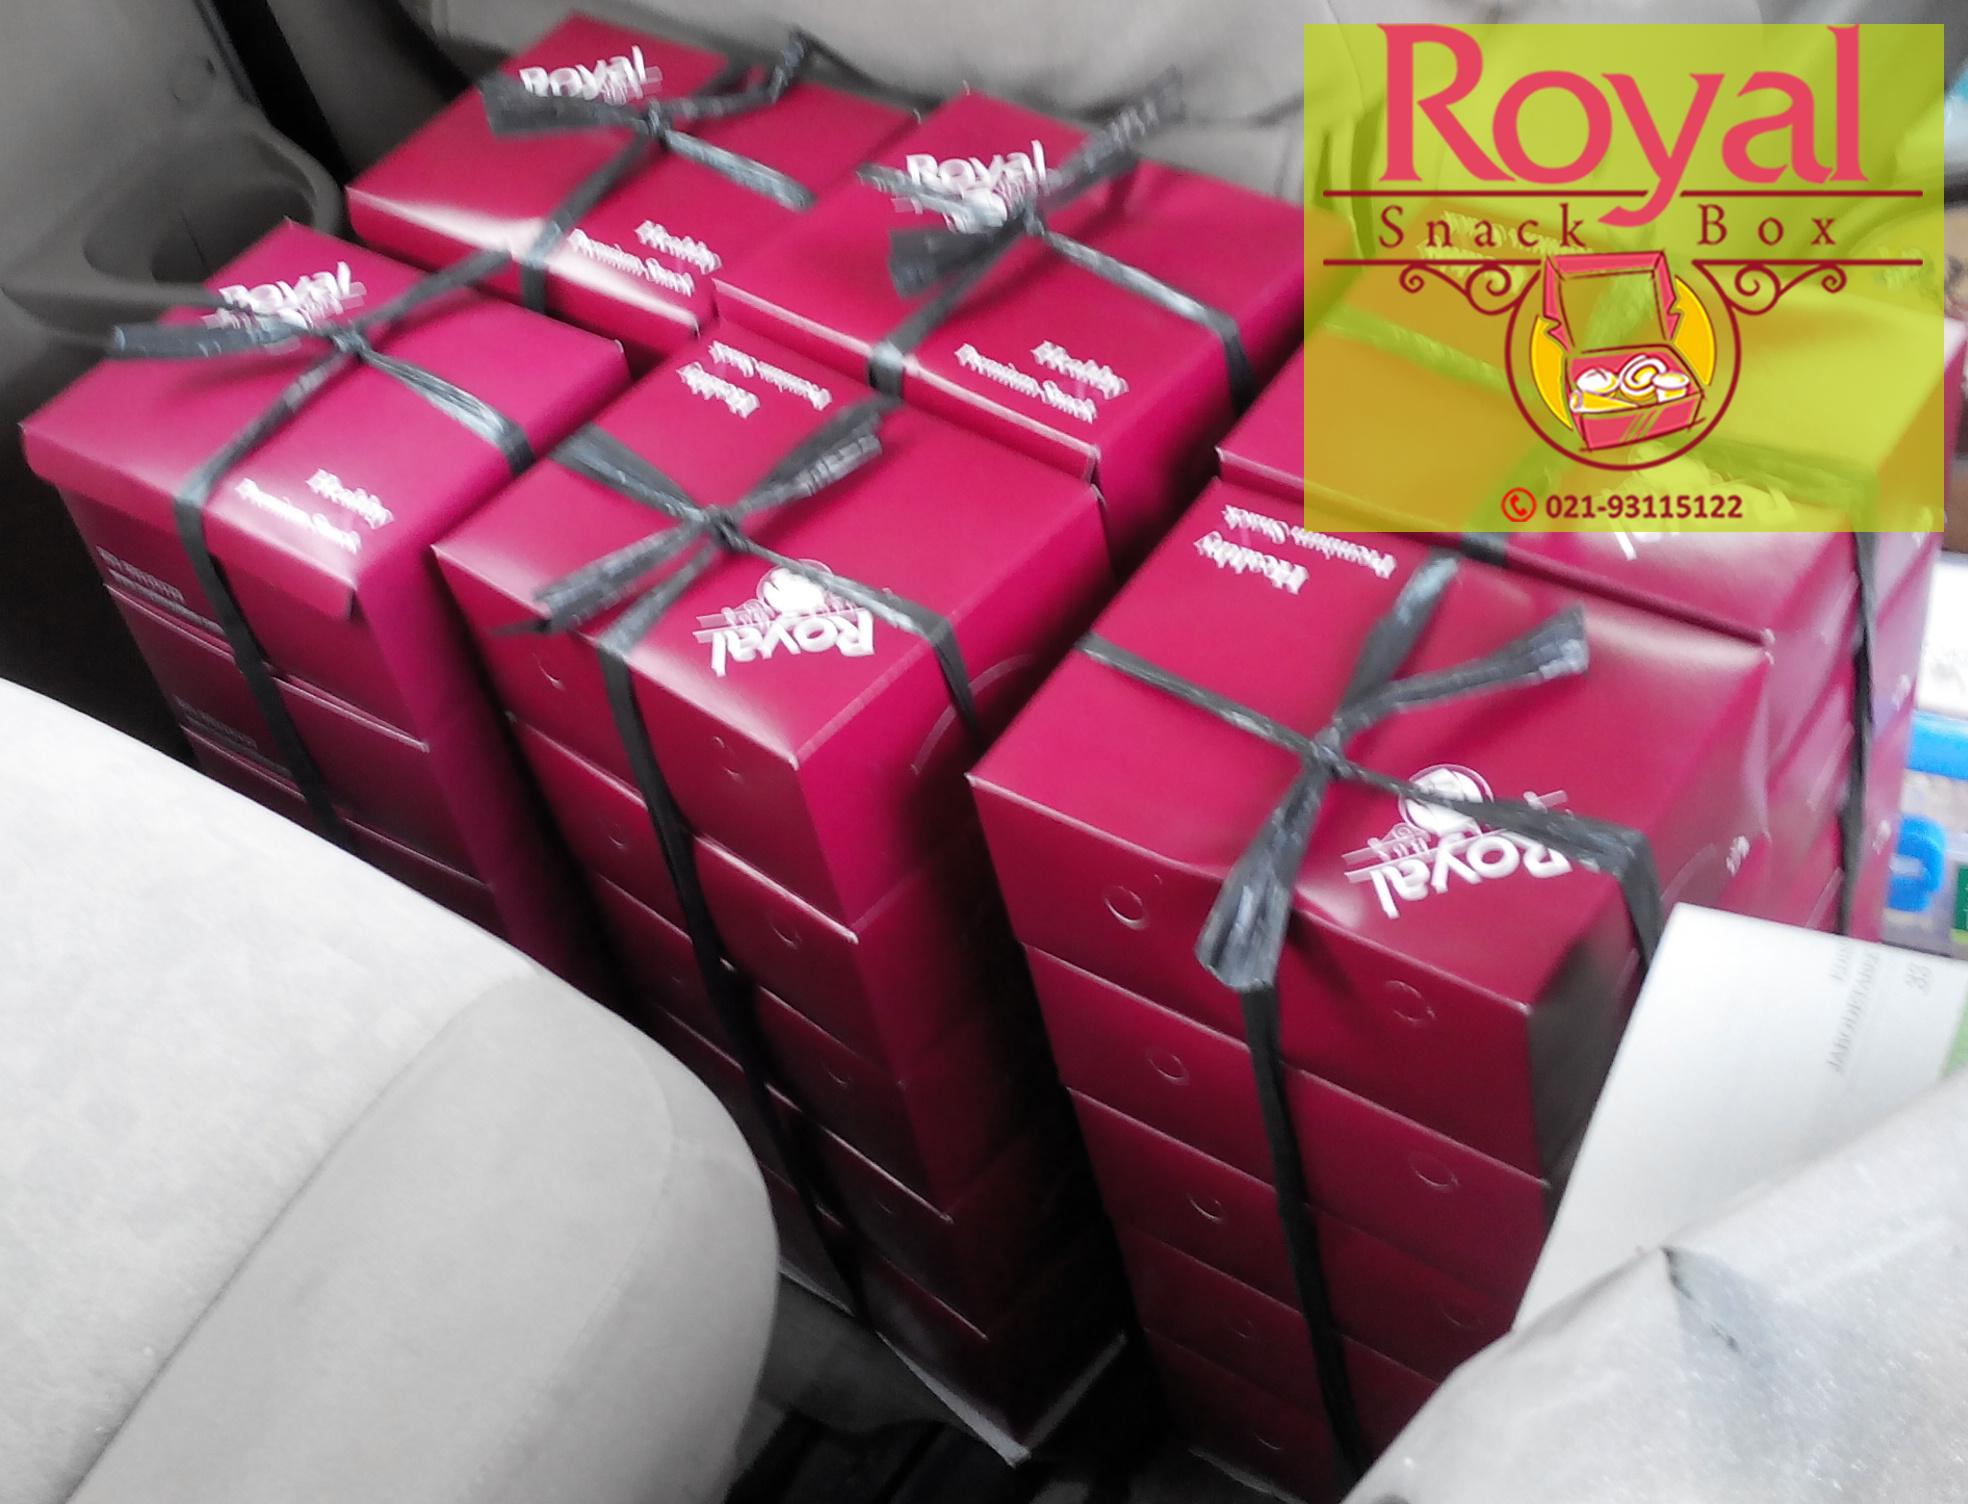 Pesanan Snack Box Bapak Reo di Taman Mini, Jakarta Timur